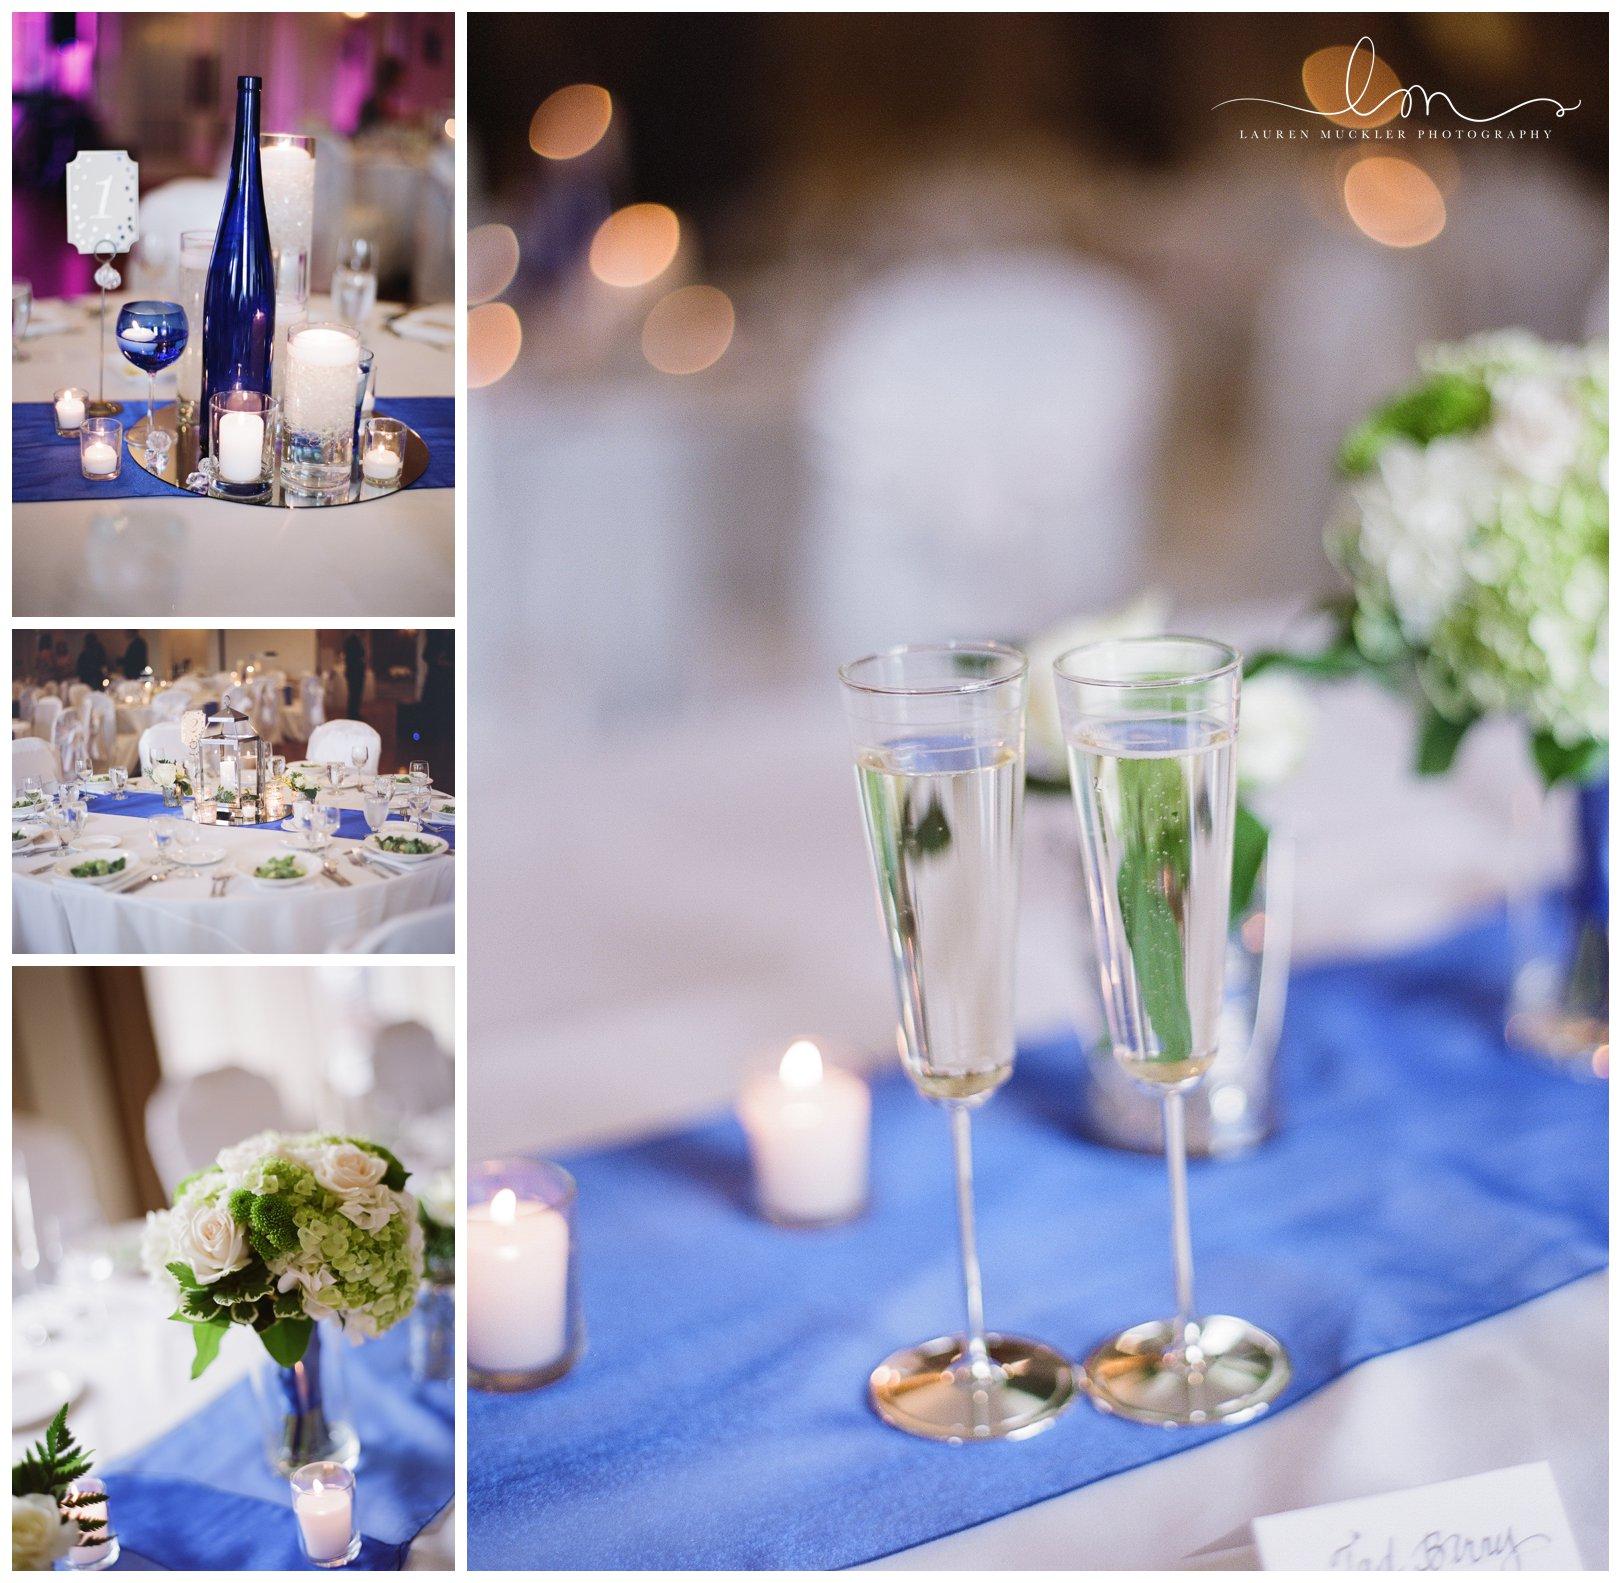 lauren muckler photography_fine art film wedding photography_st louis_photography_0231.jpg